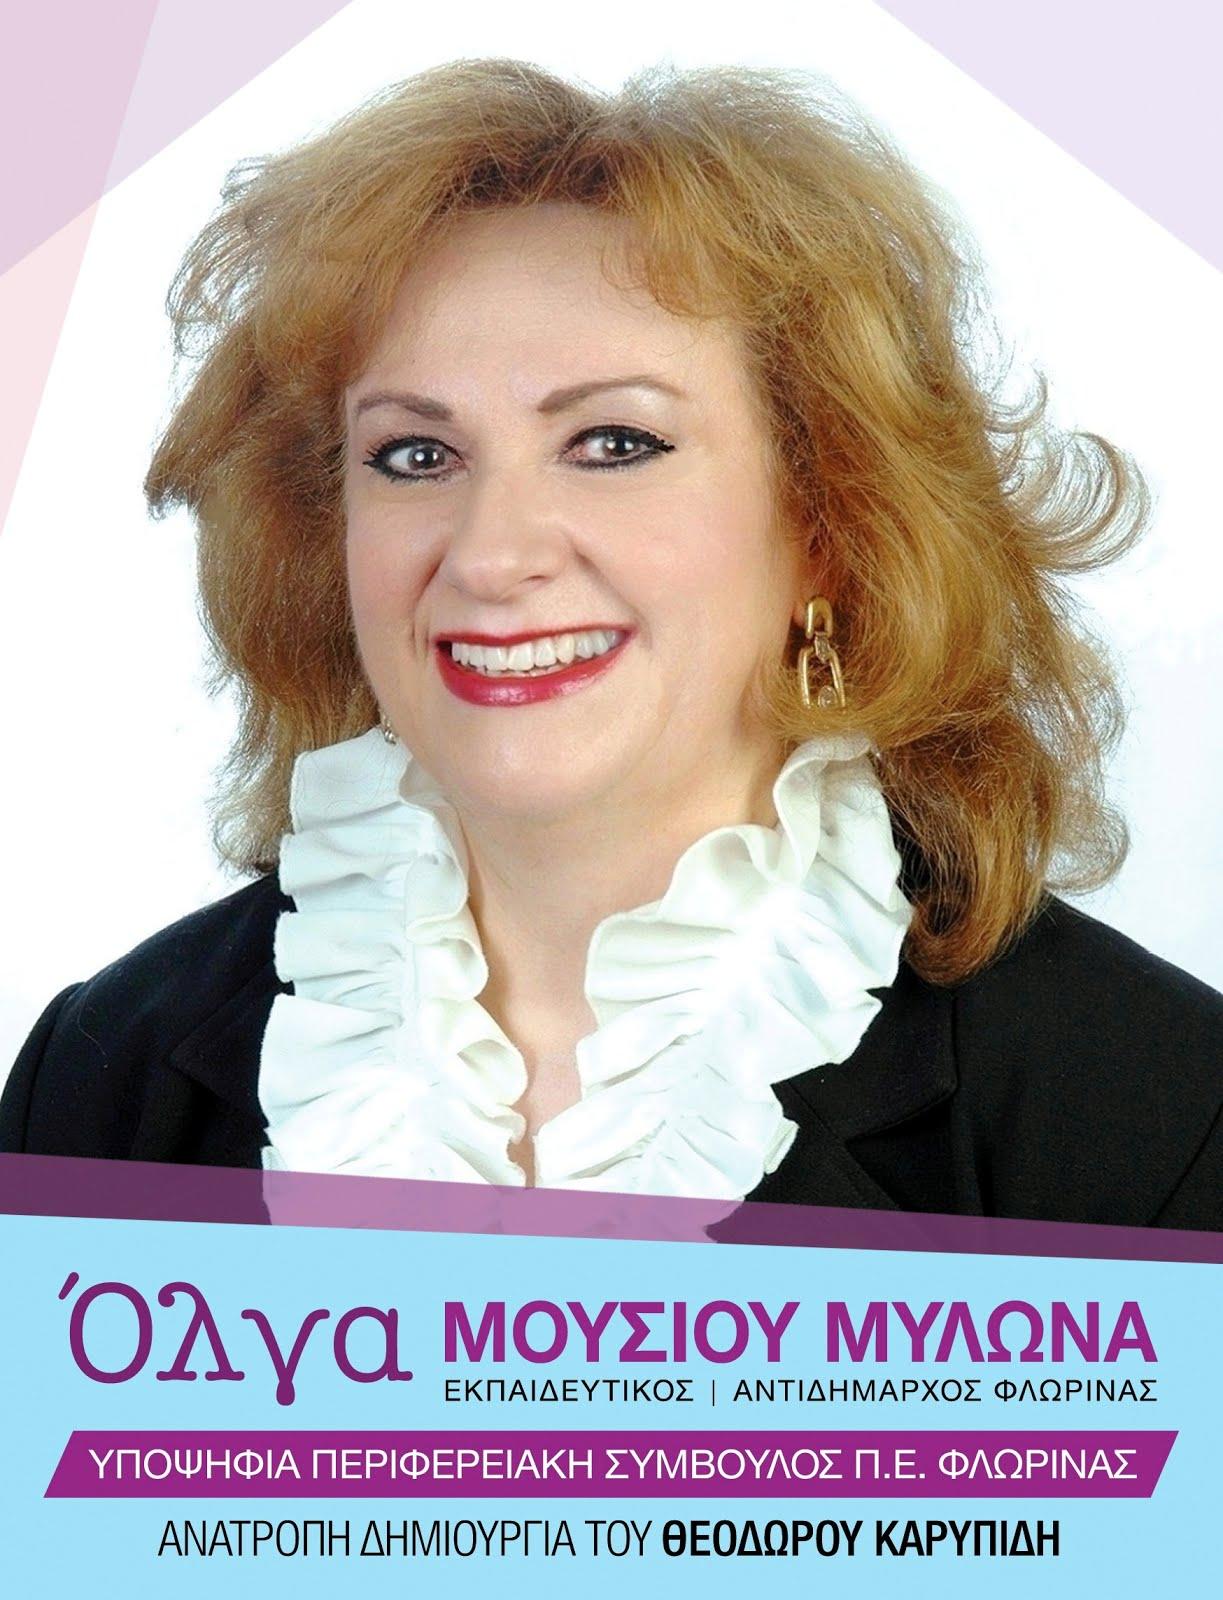 Όλγα Μούσιου Μυλωνά: Υποψήφια Περιφερειακή Σύμβουλος Π.Ε. Φλώρινας